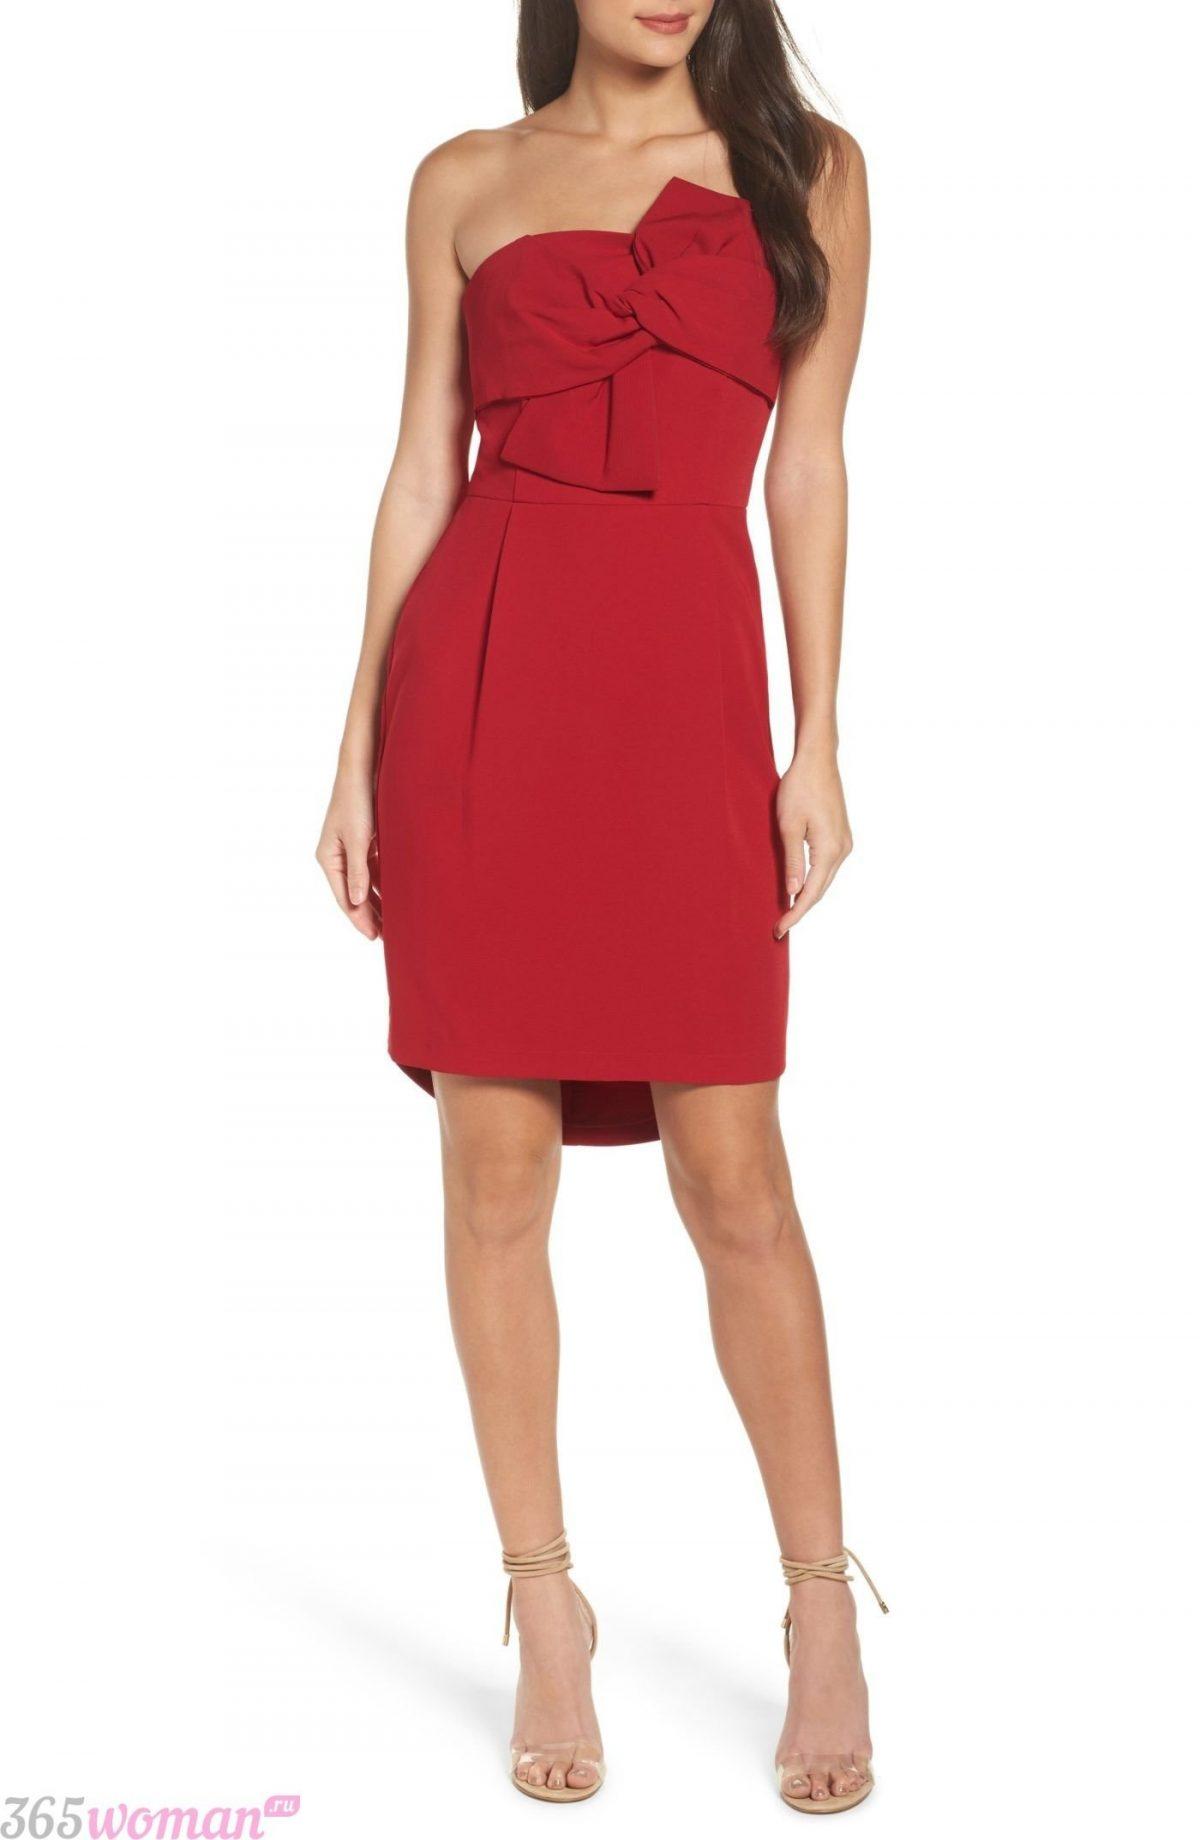 что надеть на день святого валентина 2019: красное платье на одно плечо